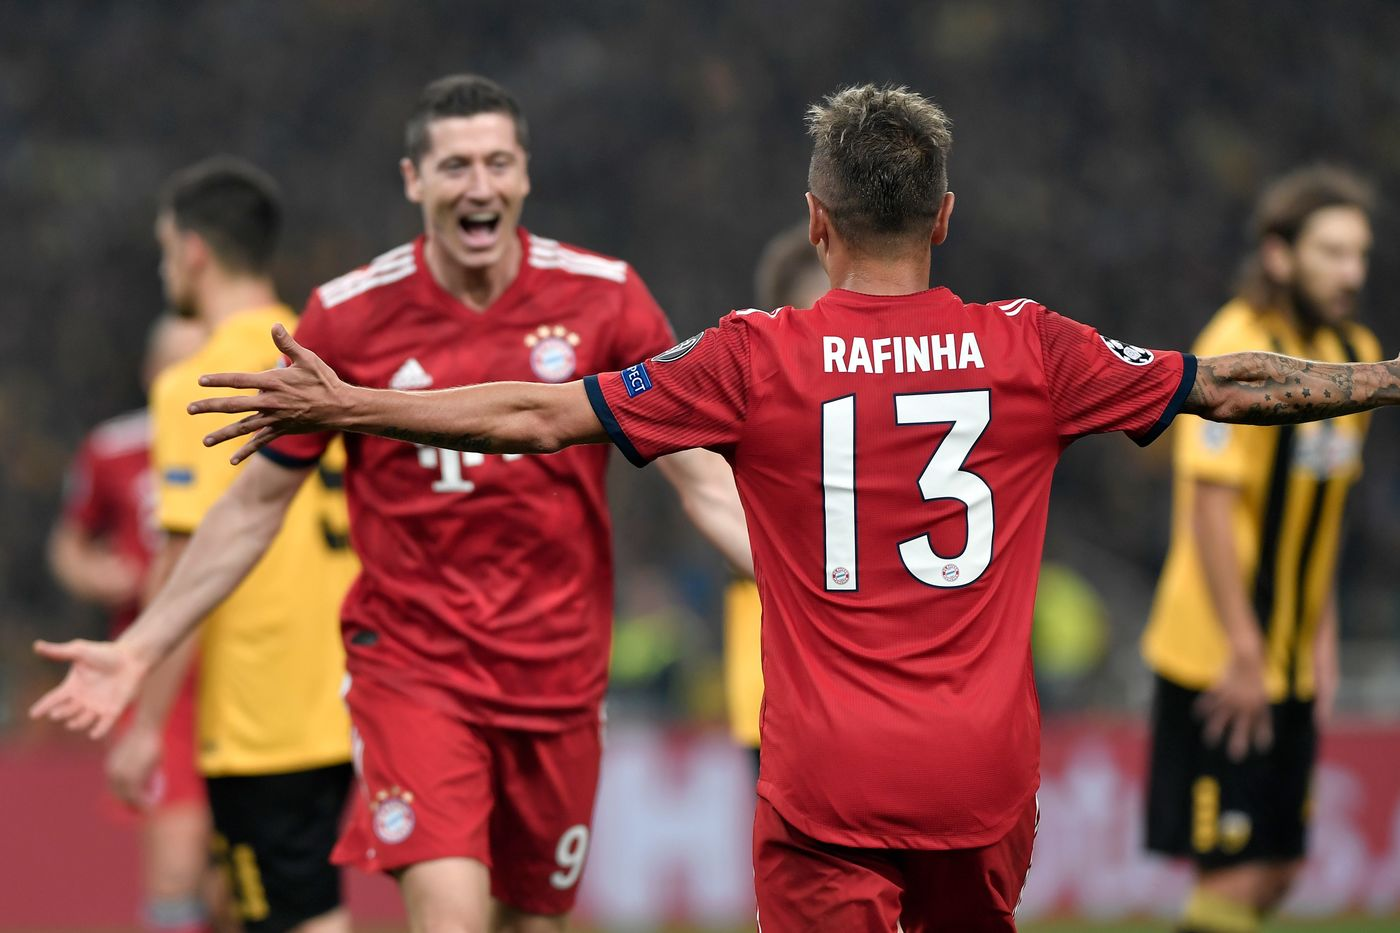 Il Borussia Dortmund nell'ultimo turno ha perso di misura il big match contro il Bayern Monaco.